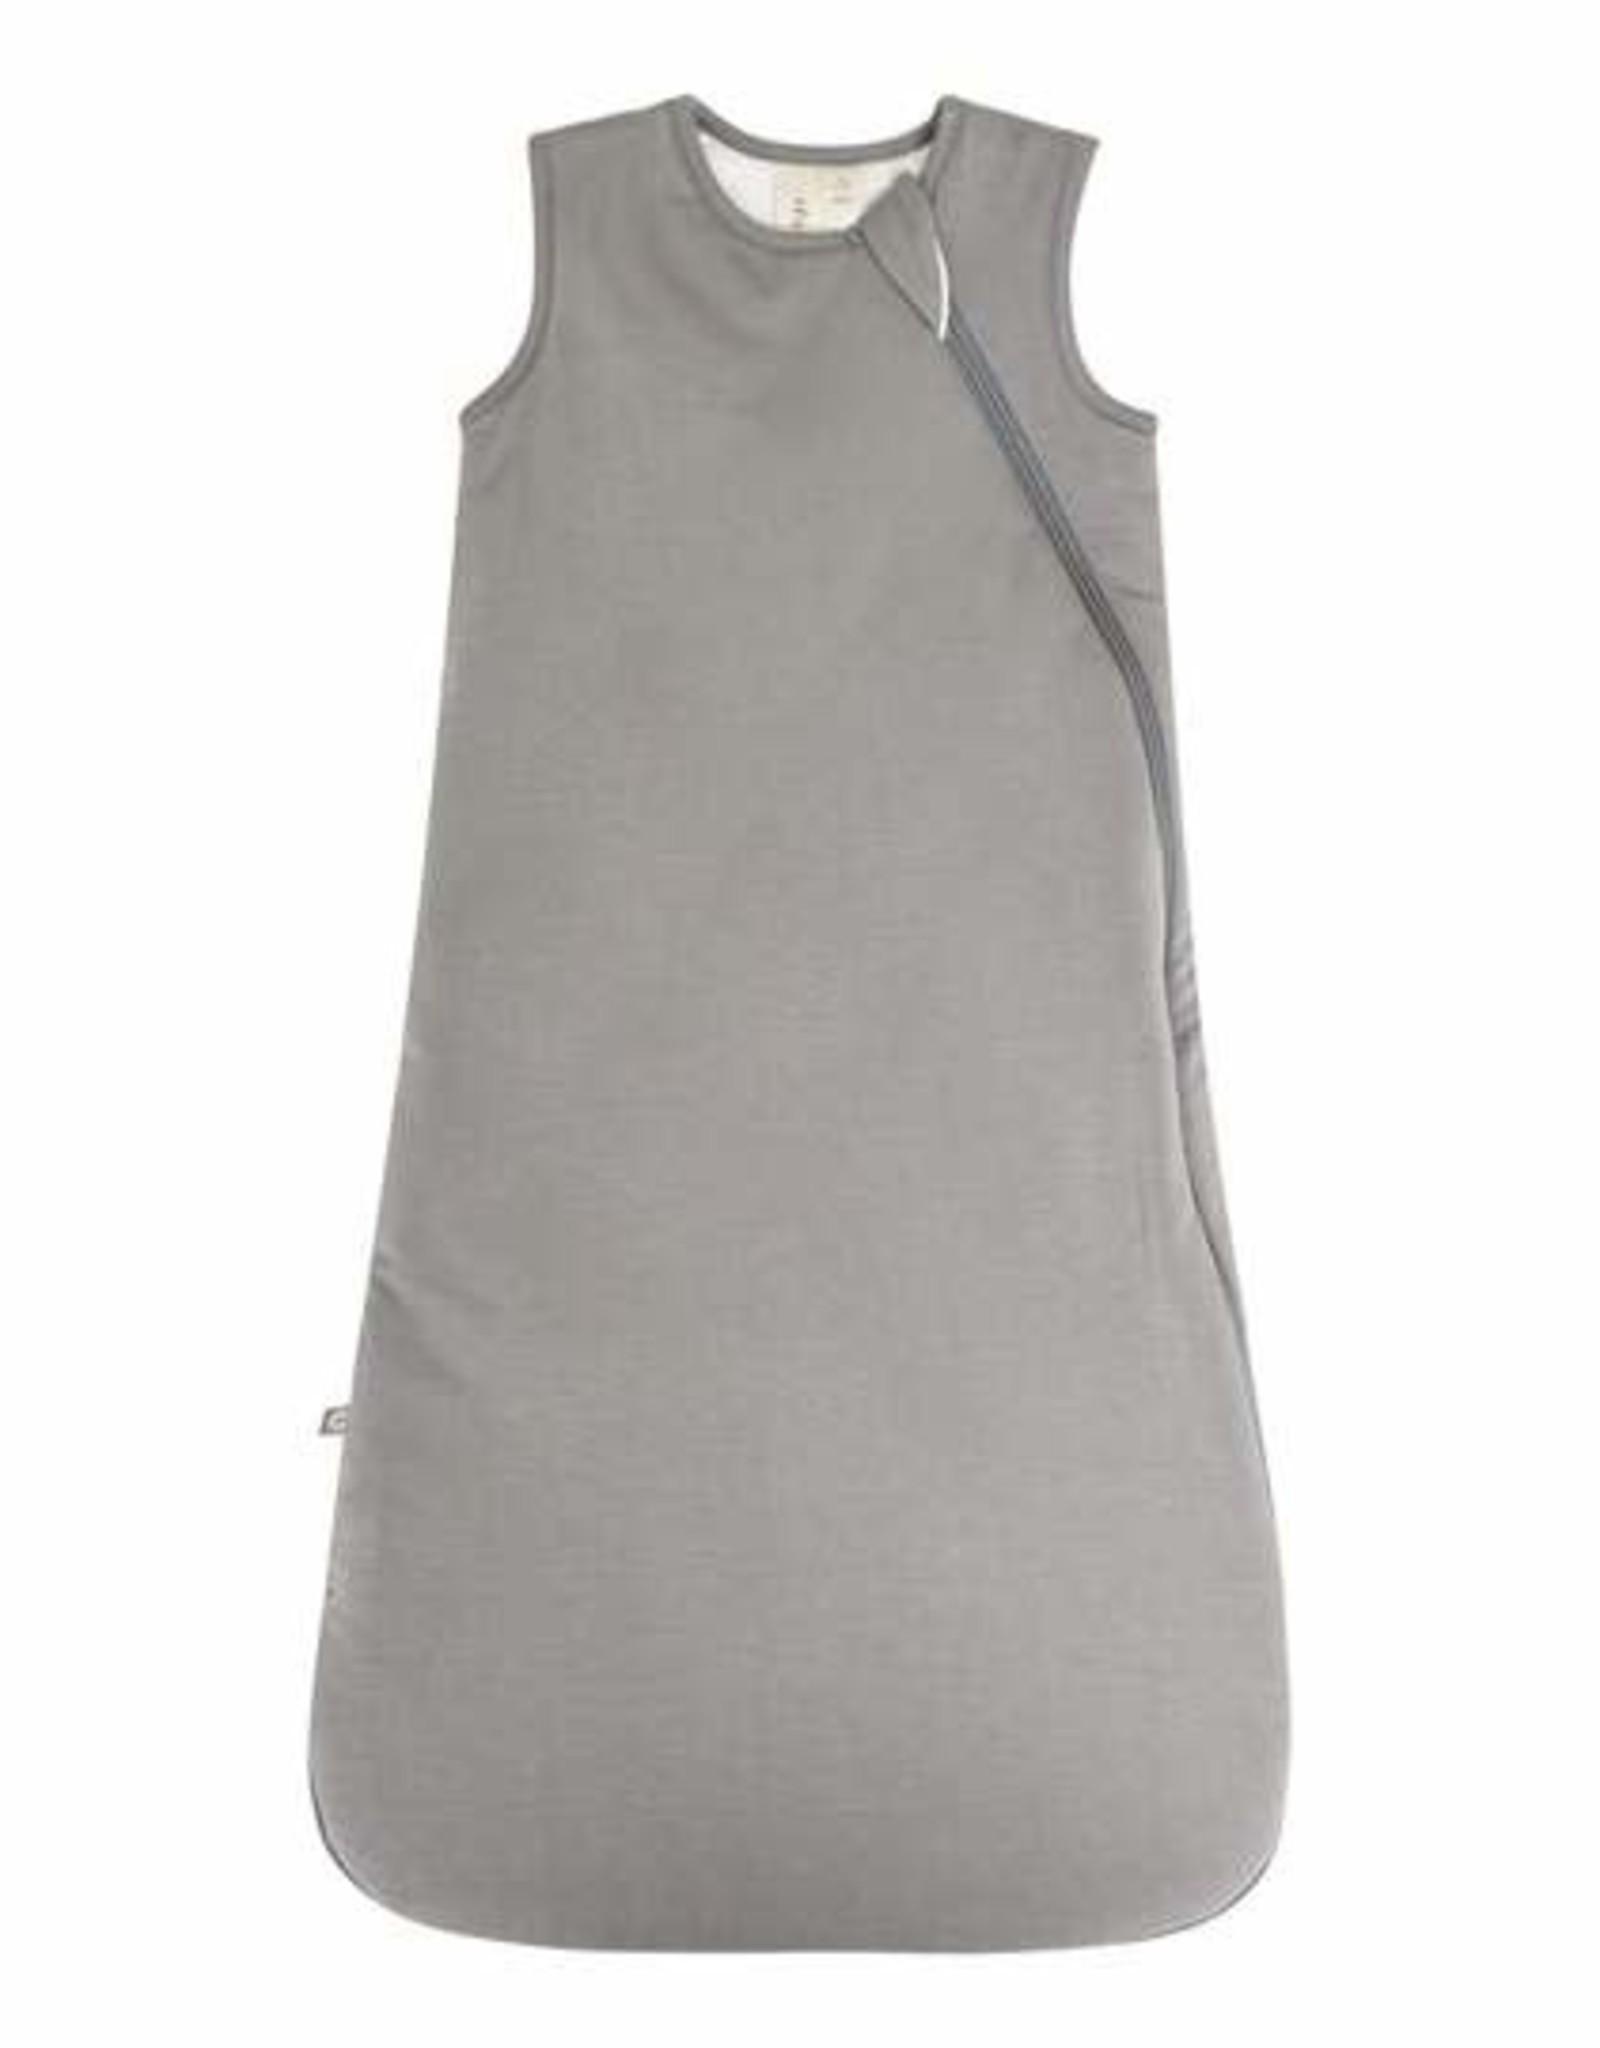 Kyte Baby Kyte Baby Sleep Bag 1.0 tog